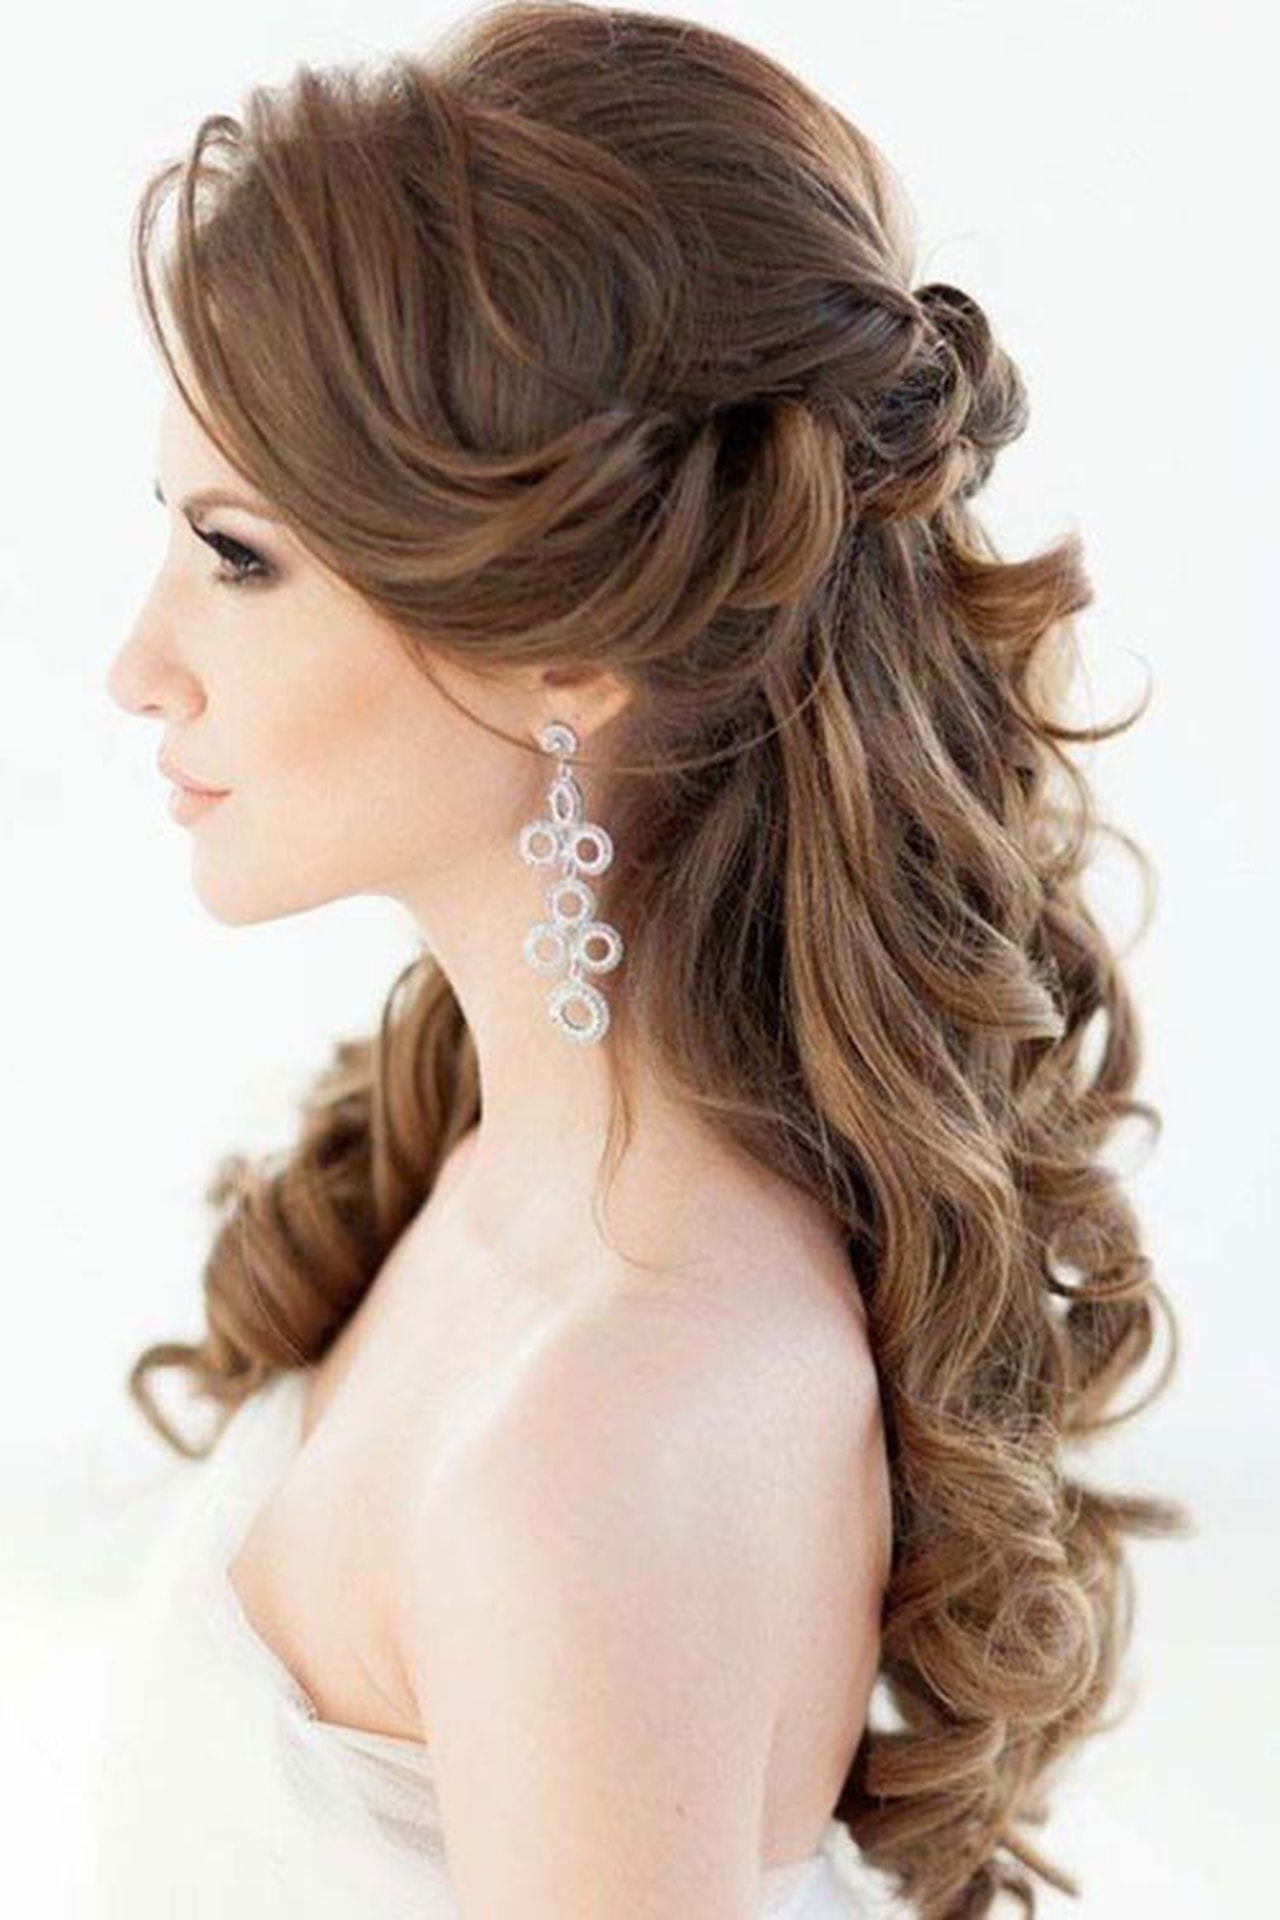 بالصور تسريحات شعر ناعمة , احدث الصيحات فى تسريح الشعر الالمس 3741 5